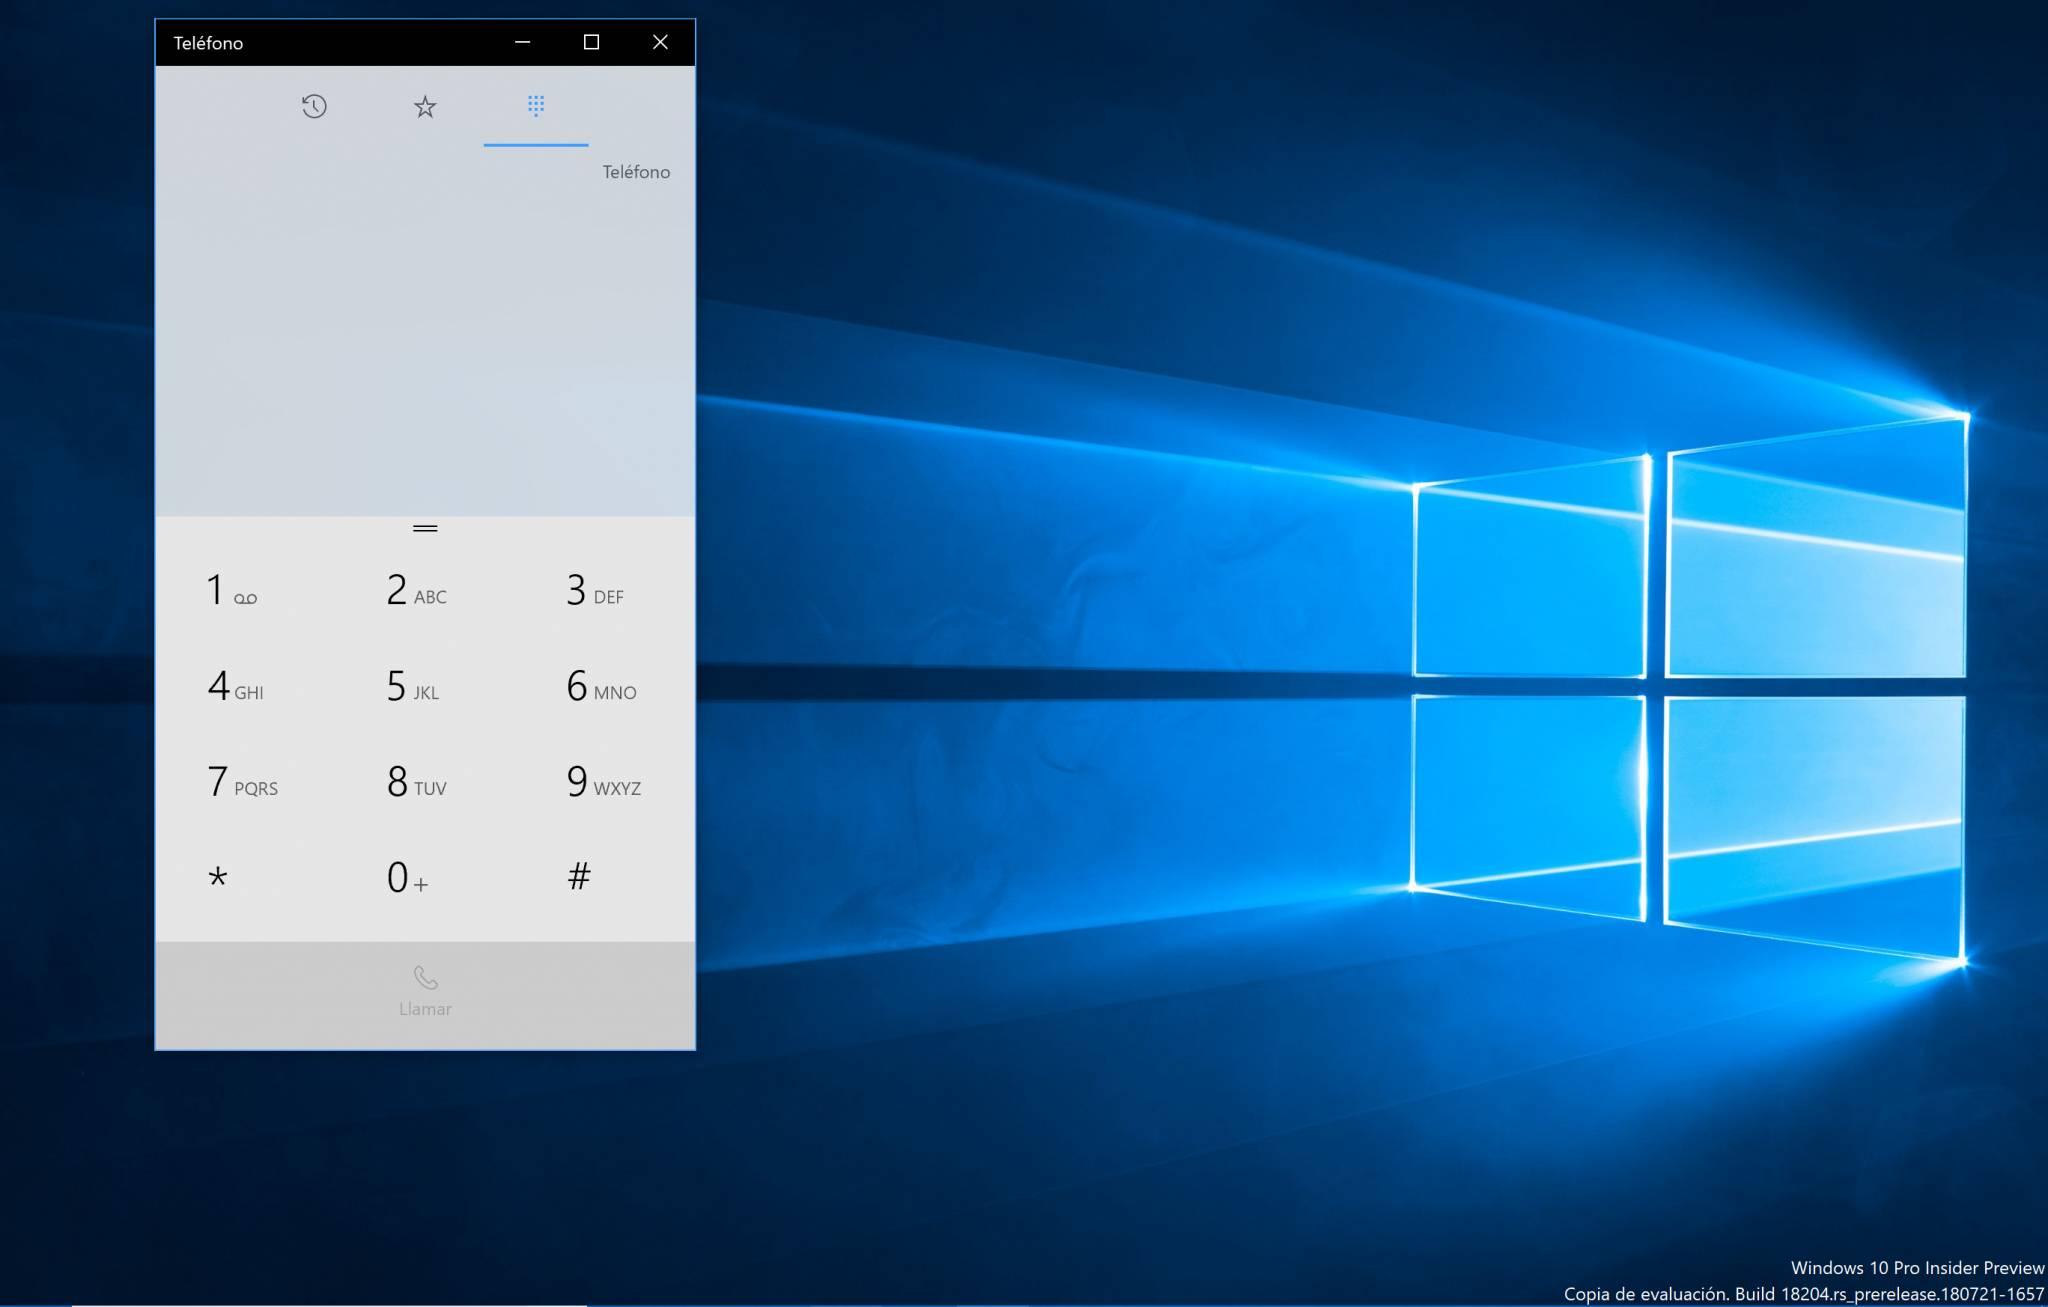 Dial del telefono en PC